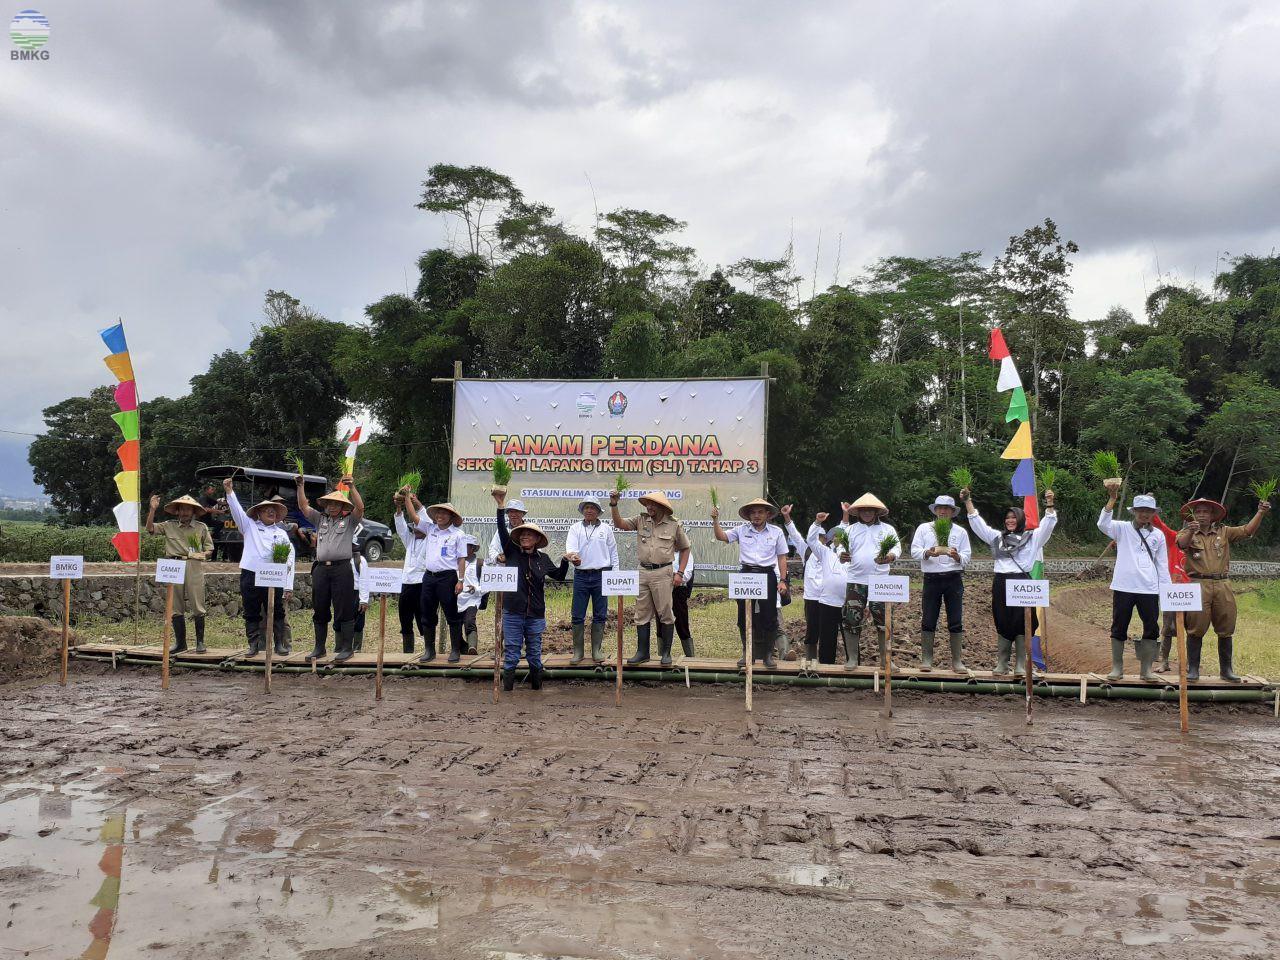 Tanam Perdana SLI Tahap 3 Kab. Temanggung: Siap Tingkatkan Kemampuan Petani dalam Mengantisipasi Iklim Ekstrim, dalam Rangka Dukung Ketahanan Pangan